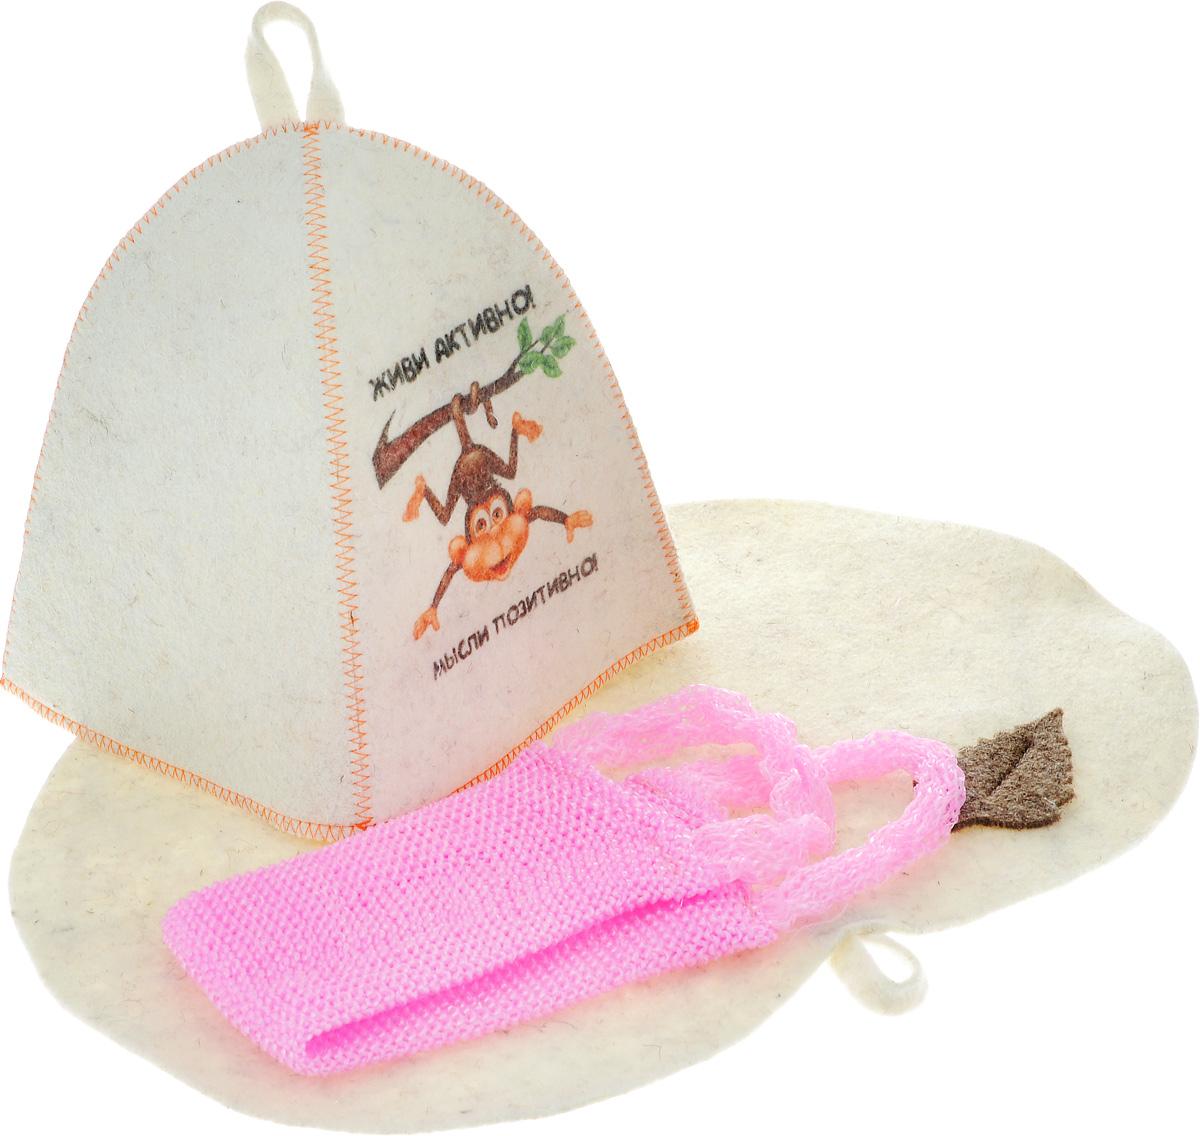 Набор подарочный для бани и сауны Главбаня Обезьянка на ветке, цвет: розовый, 3 предметаА350_обезьянка на ветке, розовыйПодарочный набор для бани и сауны Главбаня Обезьянка на ветке состоит из шапки, мочалки и коврика. Шапка, изготовленная из шерсти и полиэфира, декорирована красочным изображением и надписью Живи активно! Мысли позитивно!. Благодаря сетчатой мочалке из полипропилена вам обеспечено много пены. Коврик для сидения, выполненный из шерсти и полиэфира, имеет форму яблока и декорирован аппликацией в виде листочка. Такой набор поможет с удовольствием и пользой провести время в бане, а также станет чудесным подарком друзьям и знакомым, которые по достоинству оценят его при первом же использовании. Размер коврика: 44,5 х 33 см. Обхват головы шапки: 68 см. Высота шапки: 24 см. Размер мочалки (без учета ручек): 37 х 11 см.